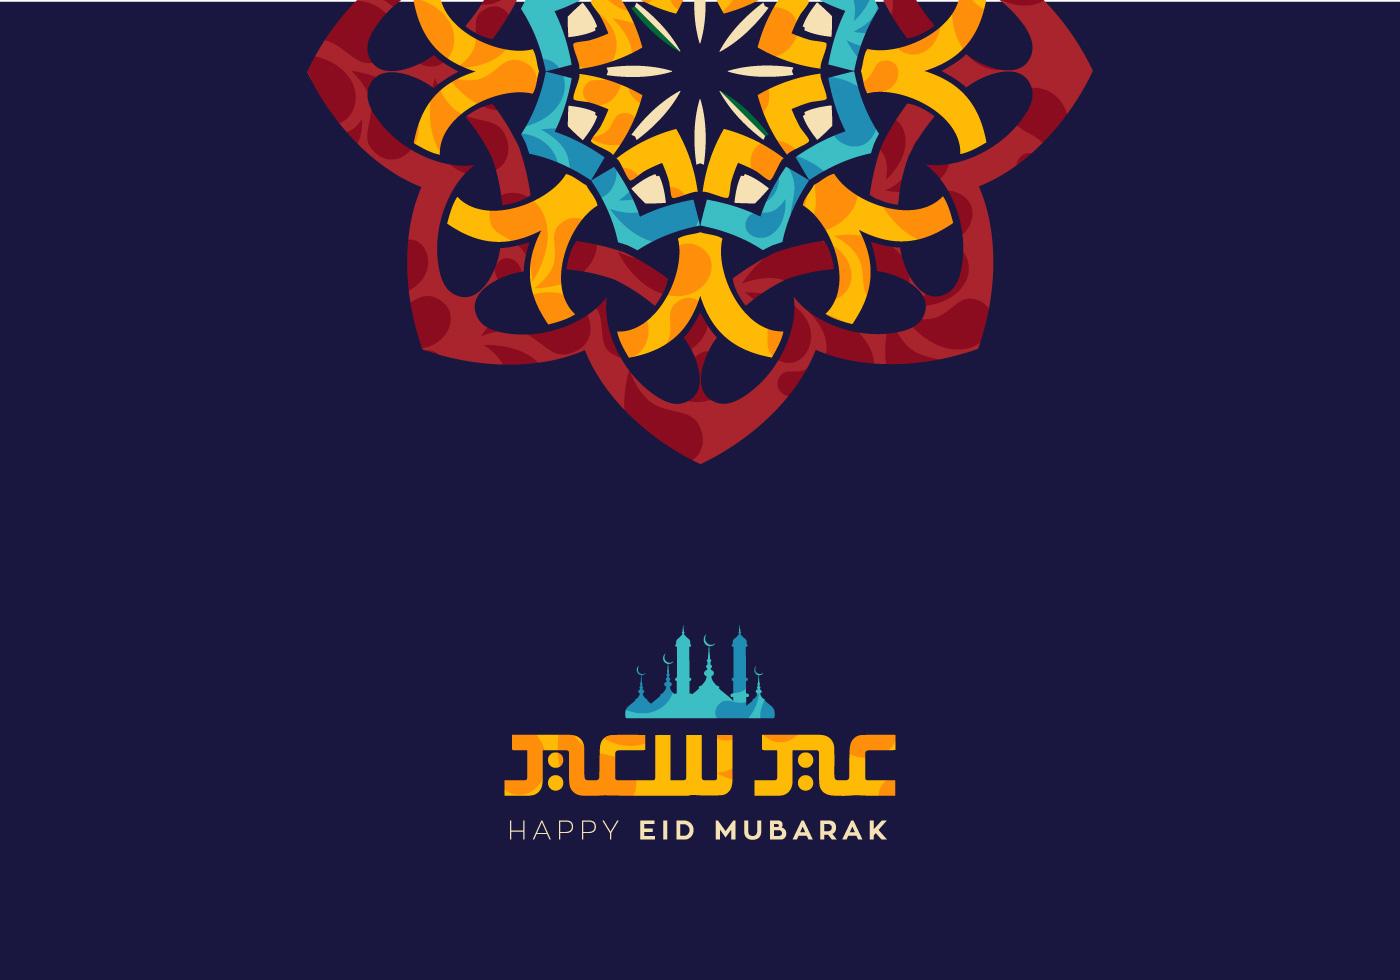 Eid Al Fitr Free Vector Art 6307 Free Downloads